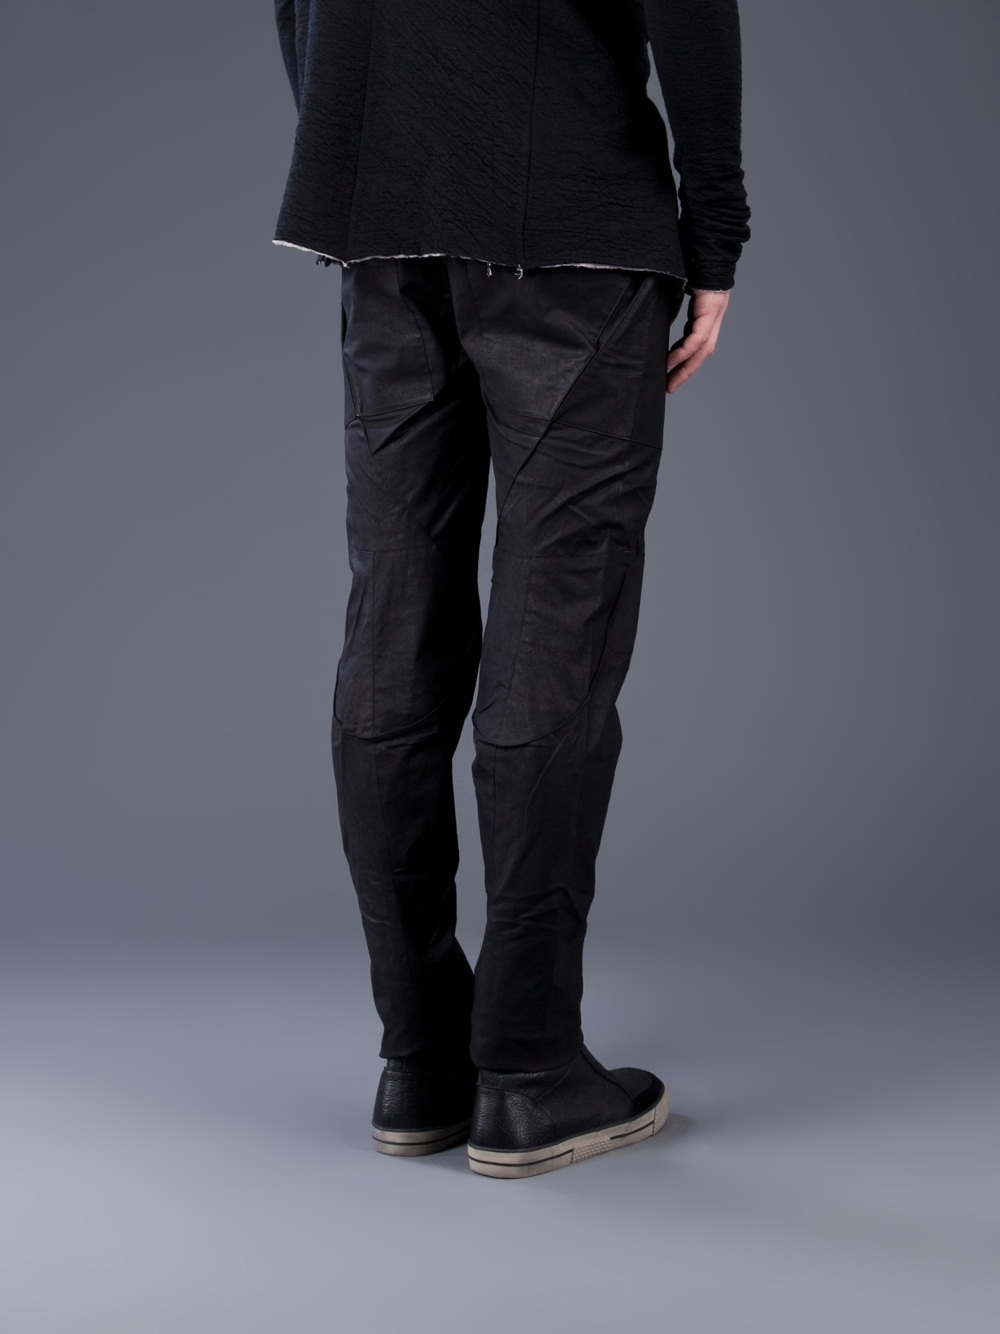 Inaisce Paneled Trouser in Black for Men